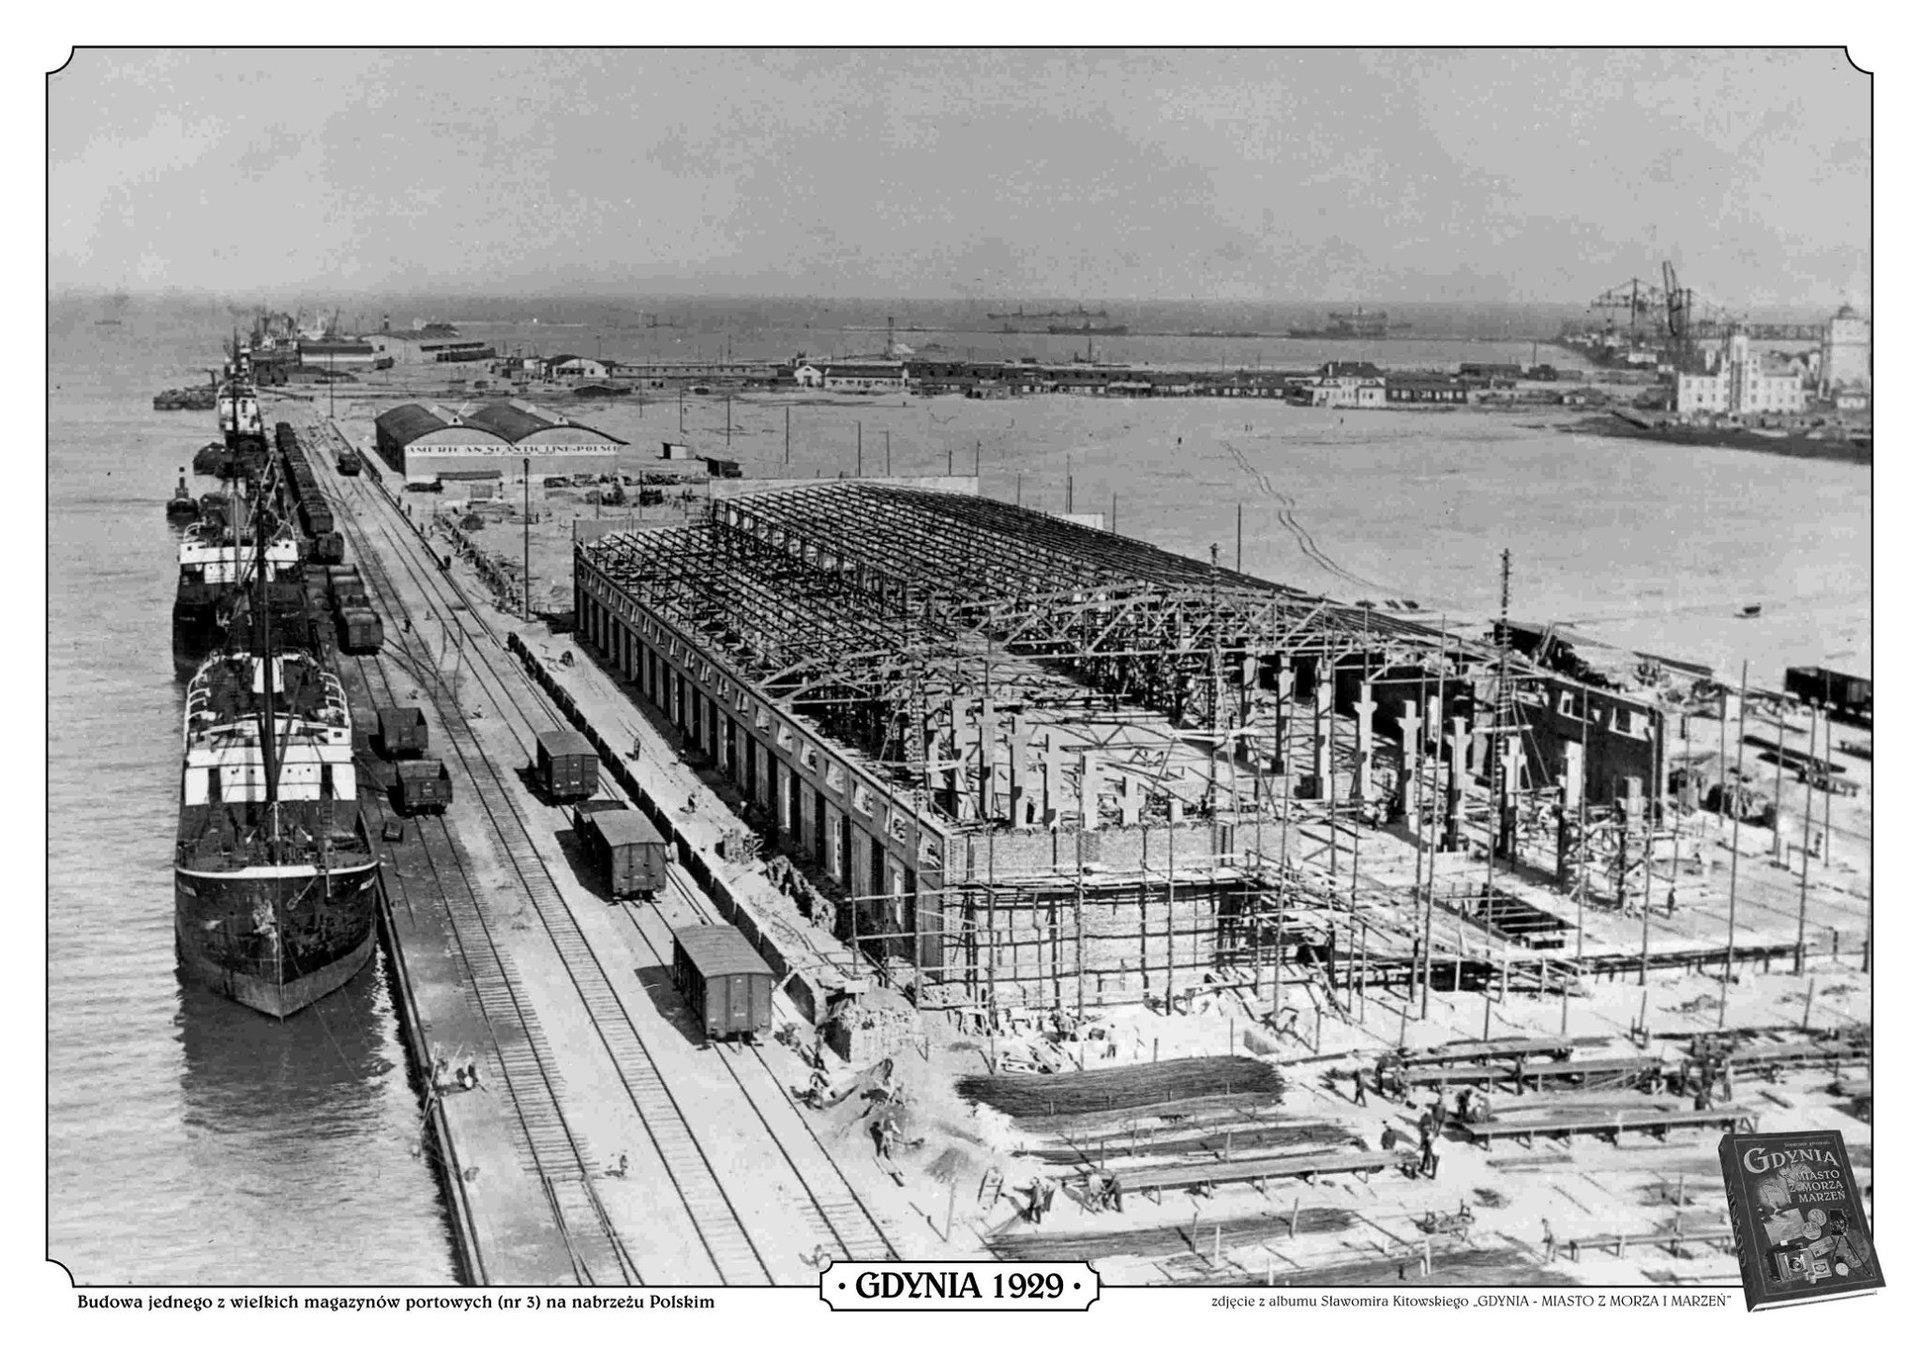 Gdynia 1929.jpg